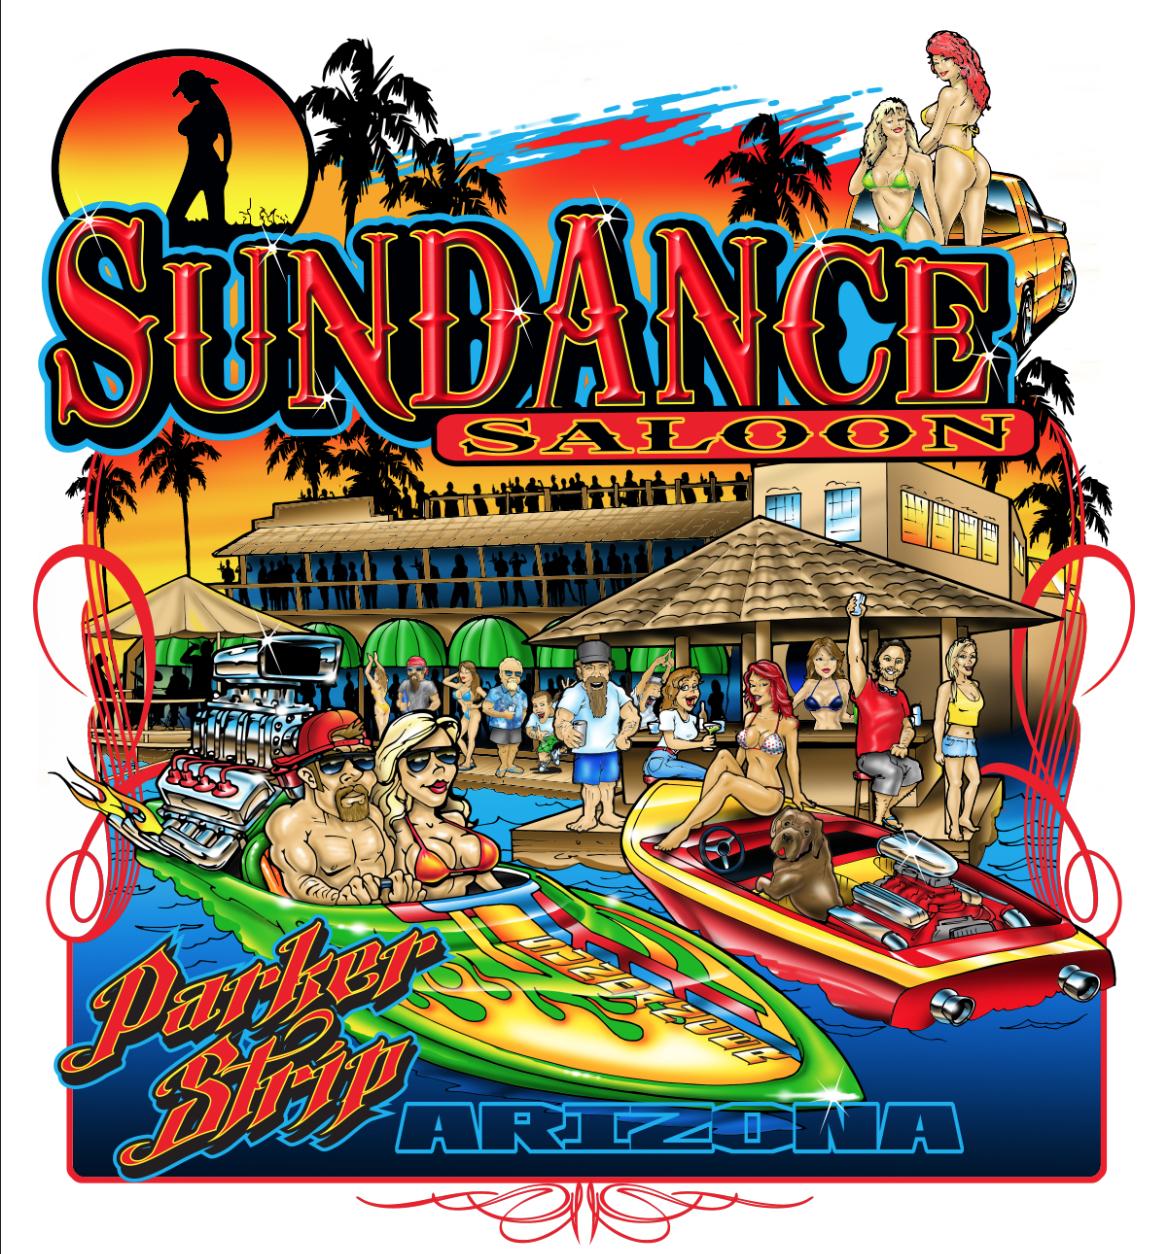 Sundance 2015 FINAL 6.psd _ 24.3% (BOAT 1 FLAT, RGB_8#) 2015-06-27 13-43-34